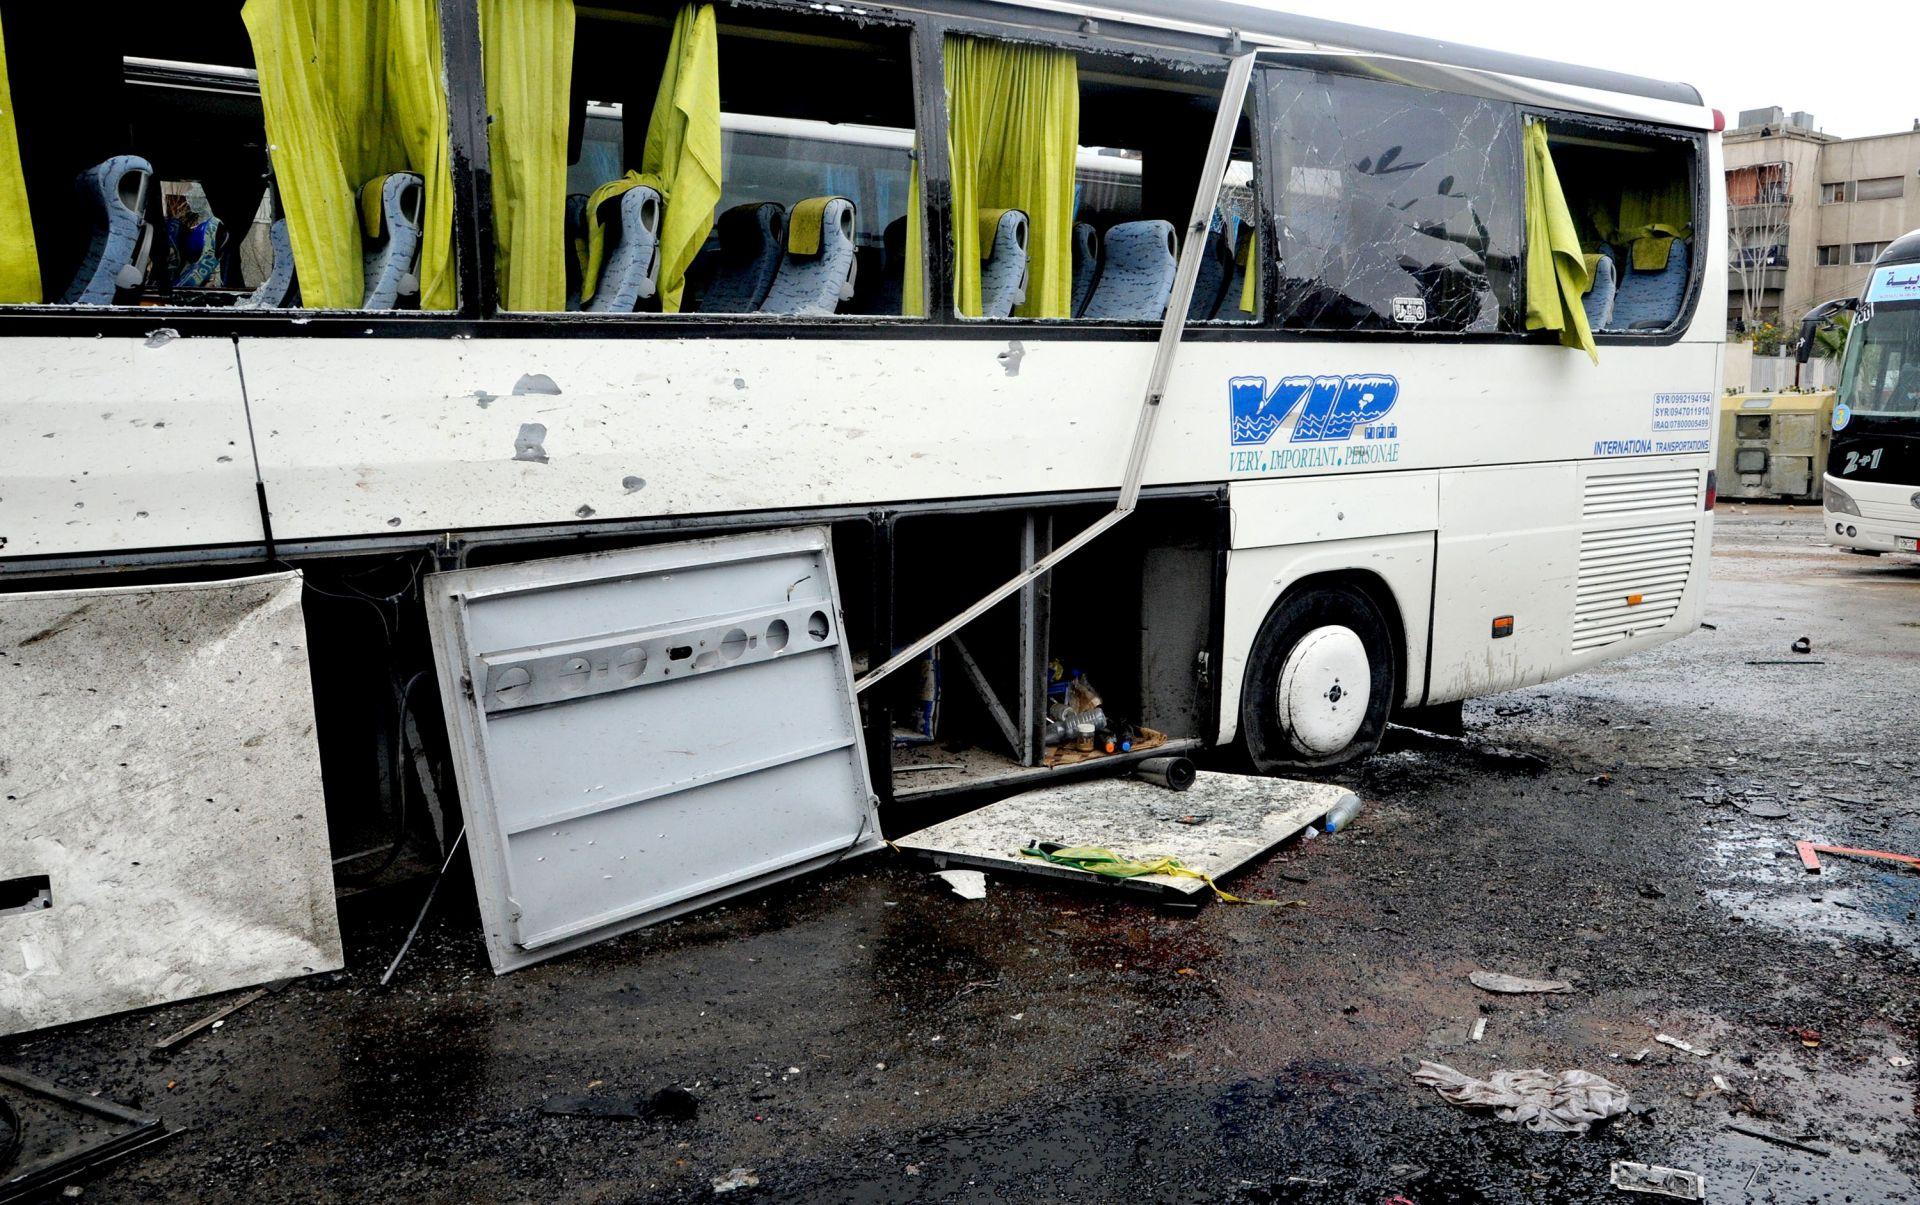 Broj žrtava dvostrukog atentata na Damask narastao na 60